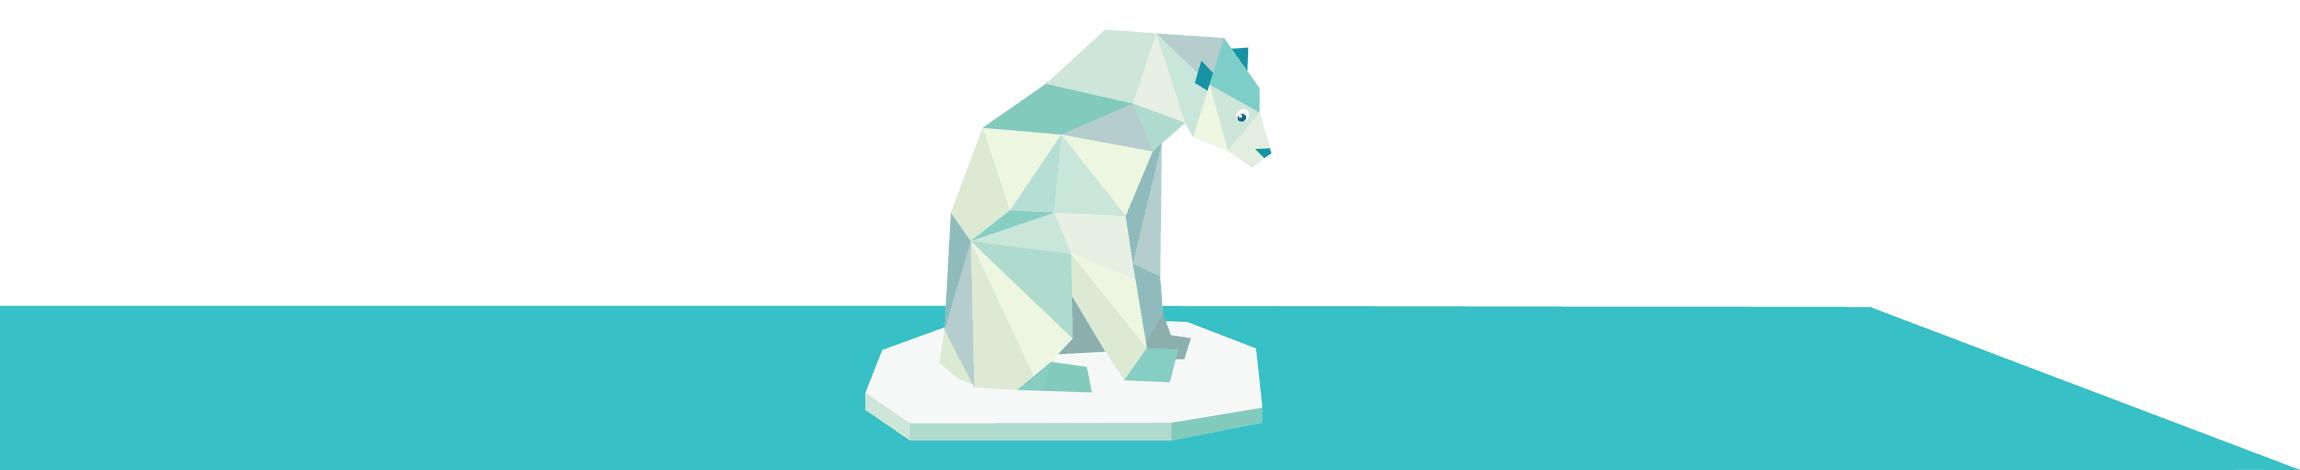 Cambiamenti climatici - orso polare